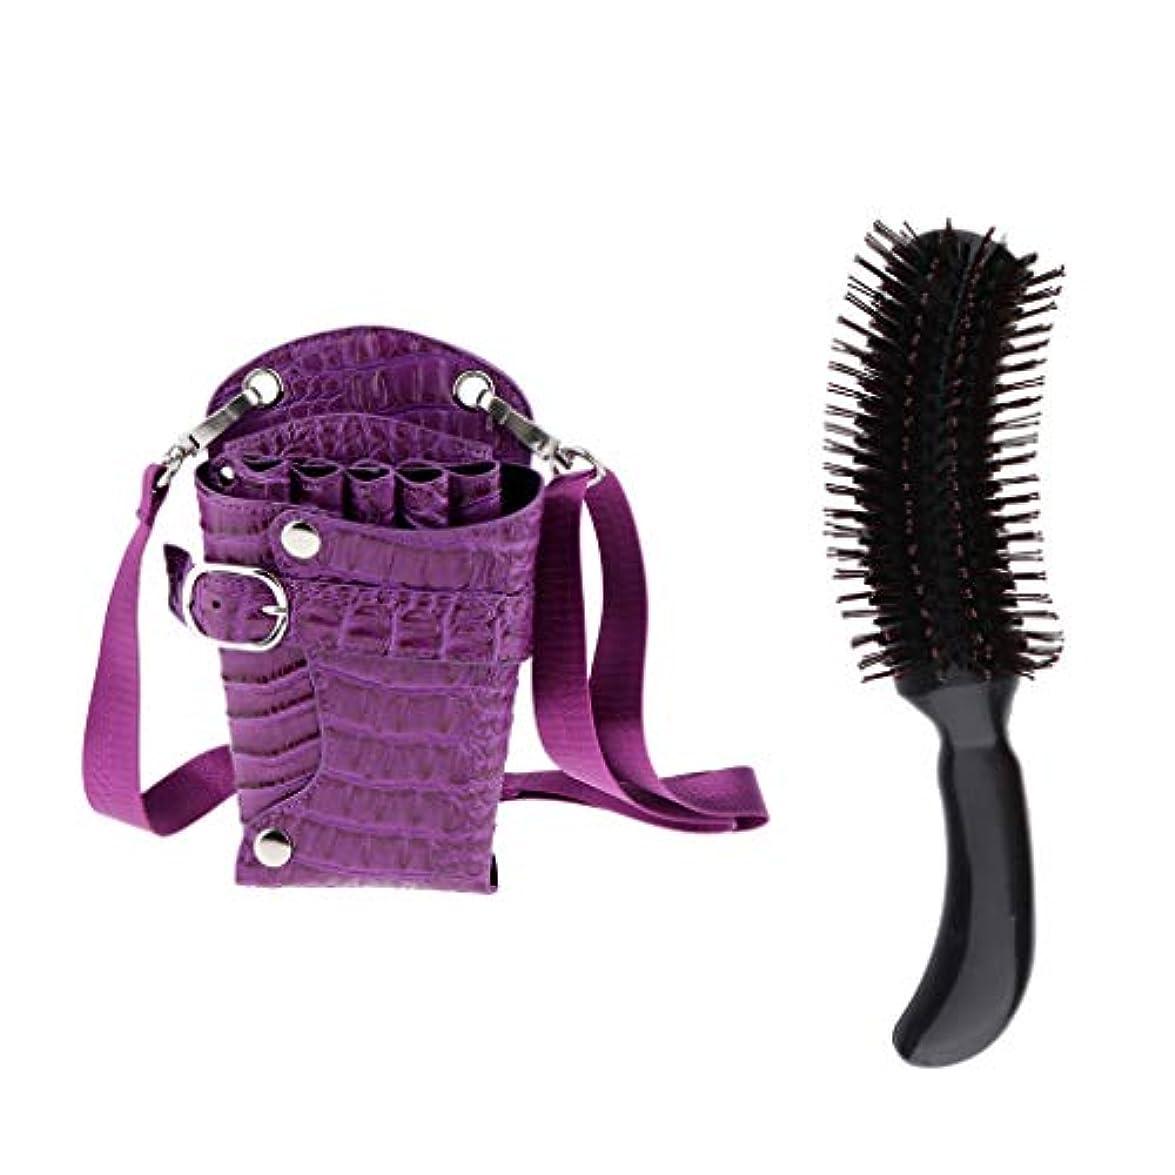 添付かみそりスピンヘアブラシ はさみバッグ ツールホルスター 収納ポーチ ヘアサロン 美容師